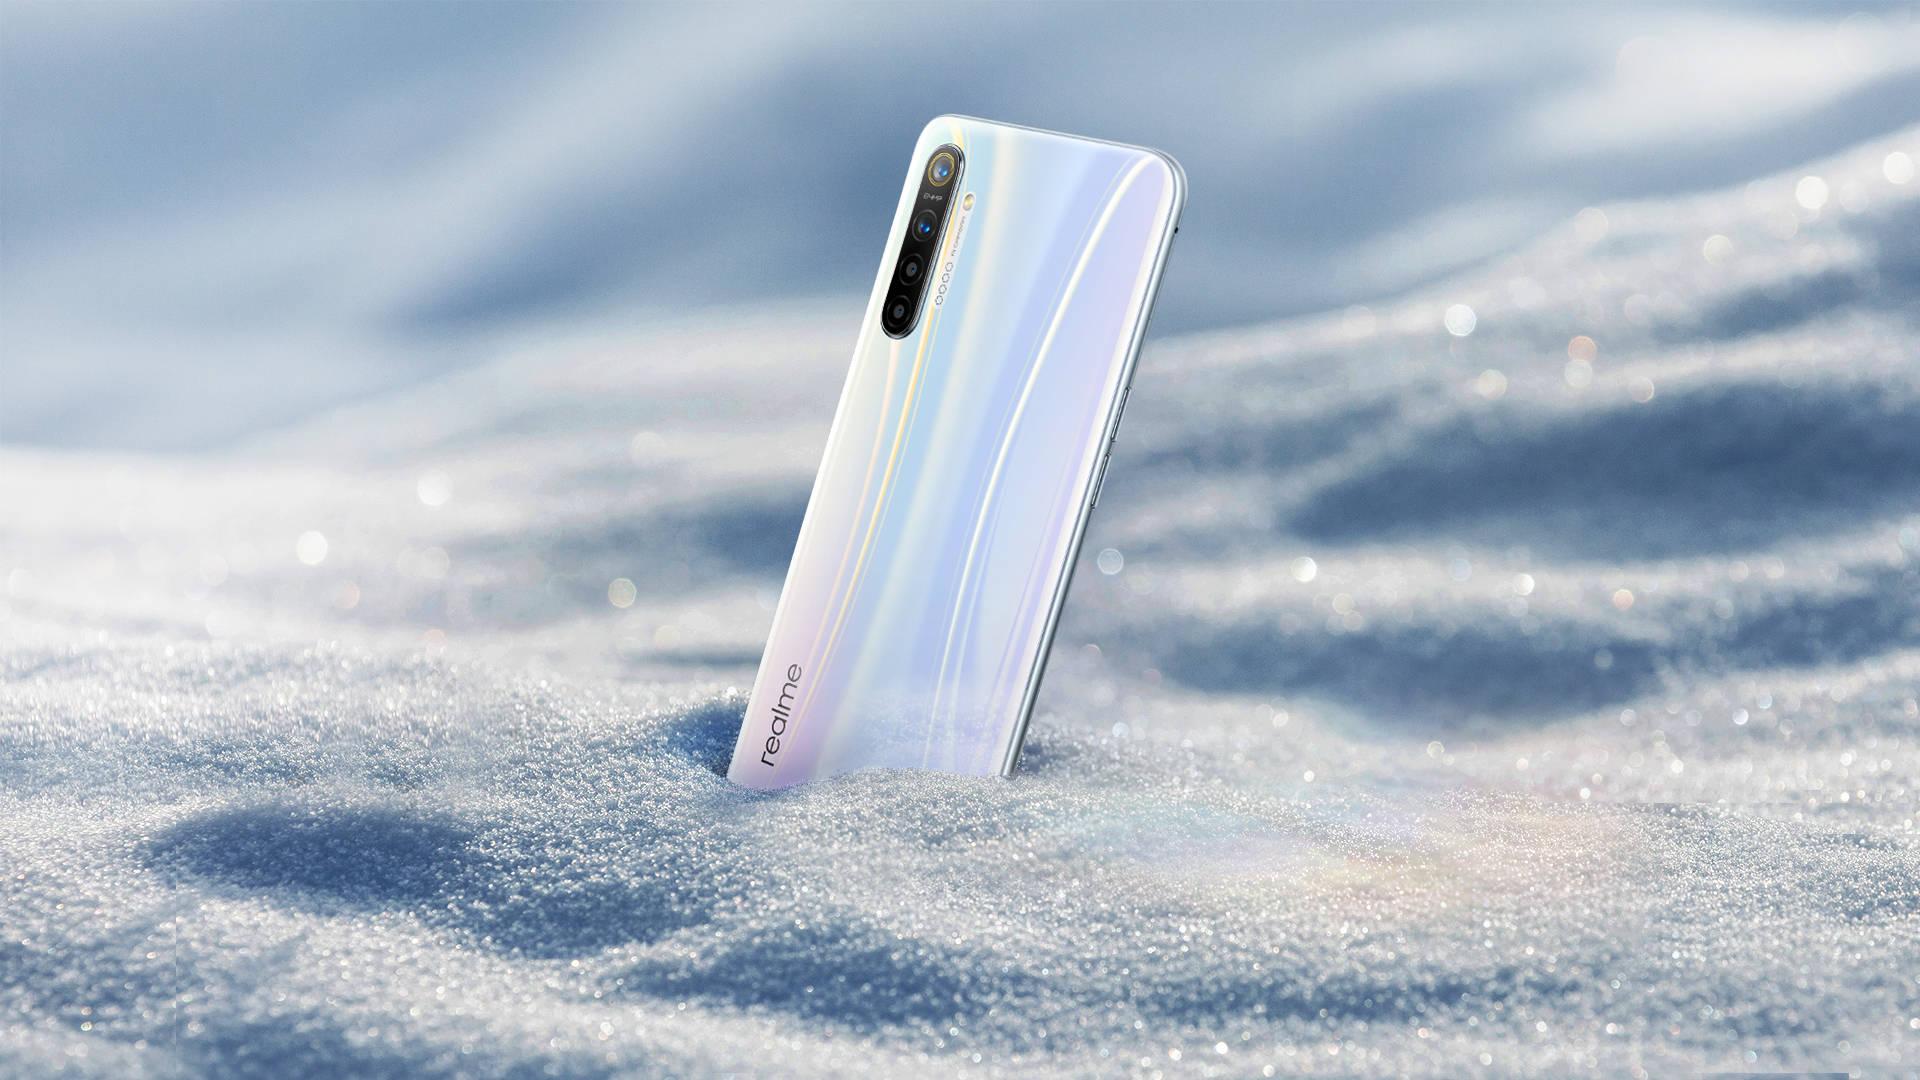 Giám đốc Realme lần đầu chia sẻ hình ảnh chiếc smartphone có camera 64MP